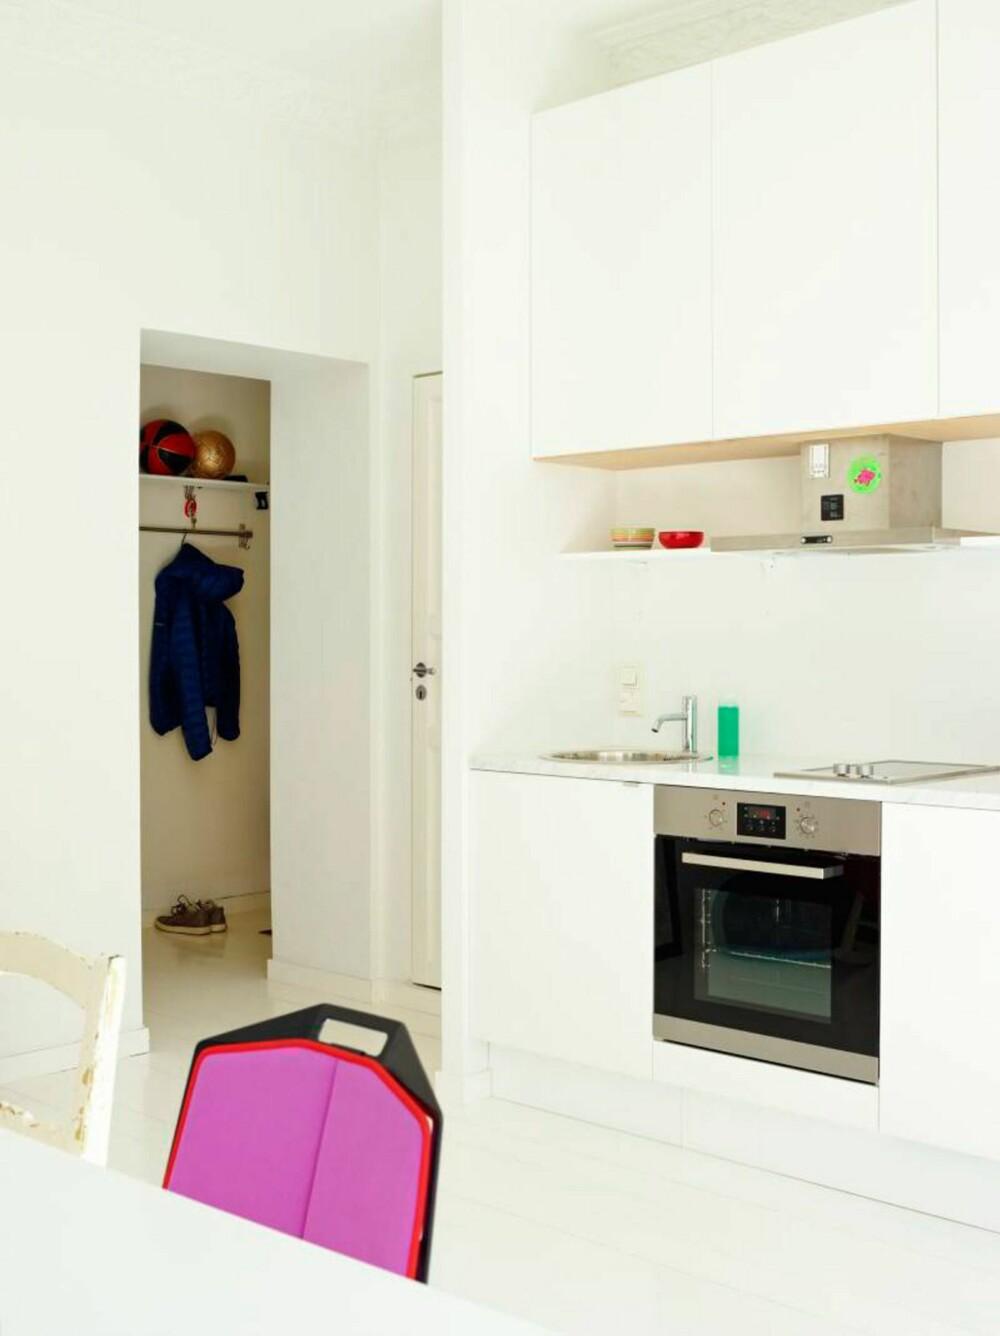 STERKE FARGER: Basketballer på hylla i gangen og sterke farger bidrar til å gjøre dette til et aktivt hjem.